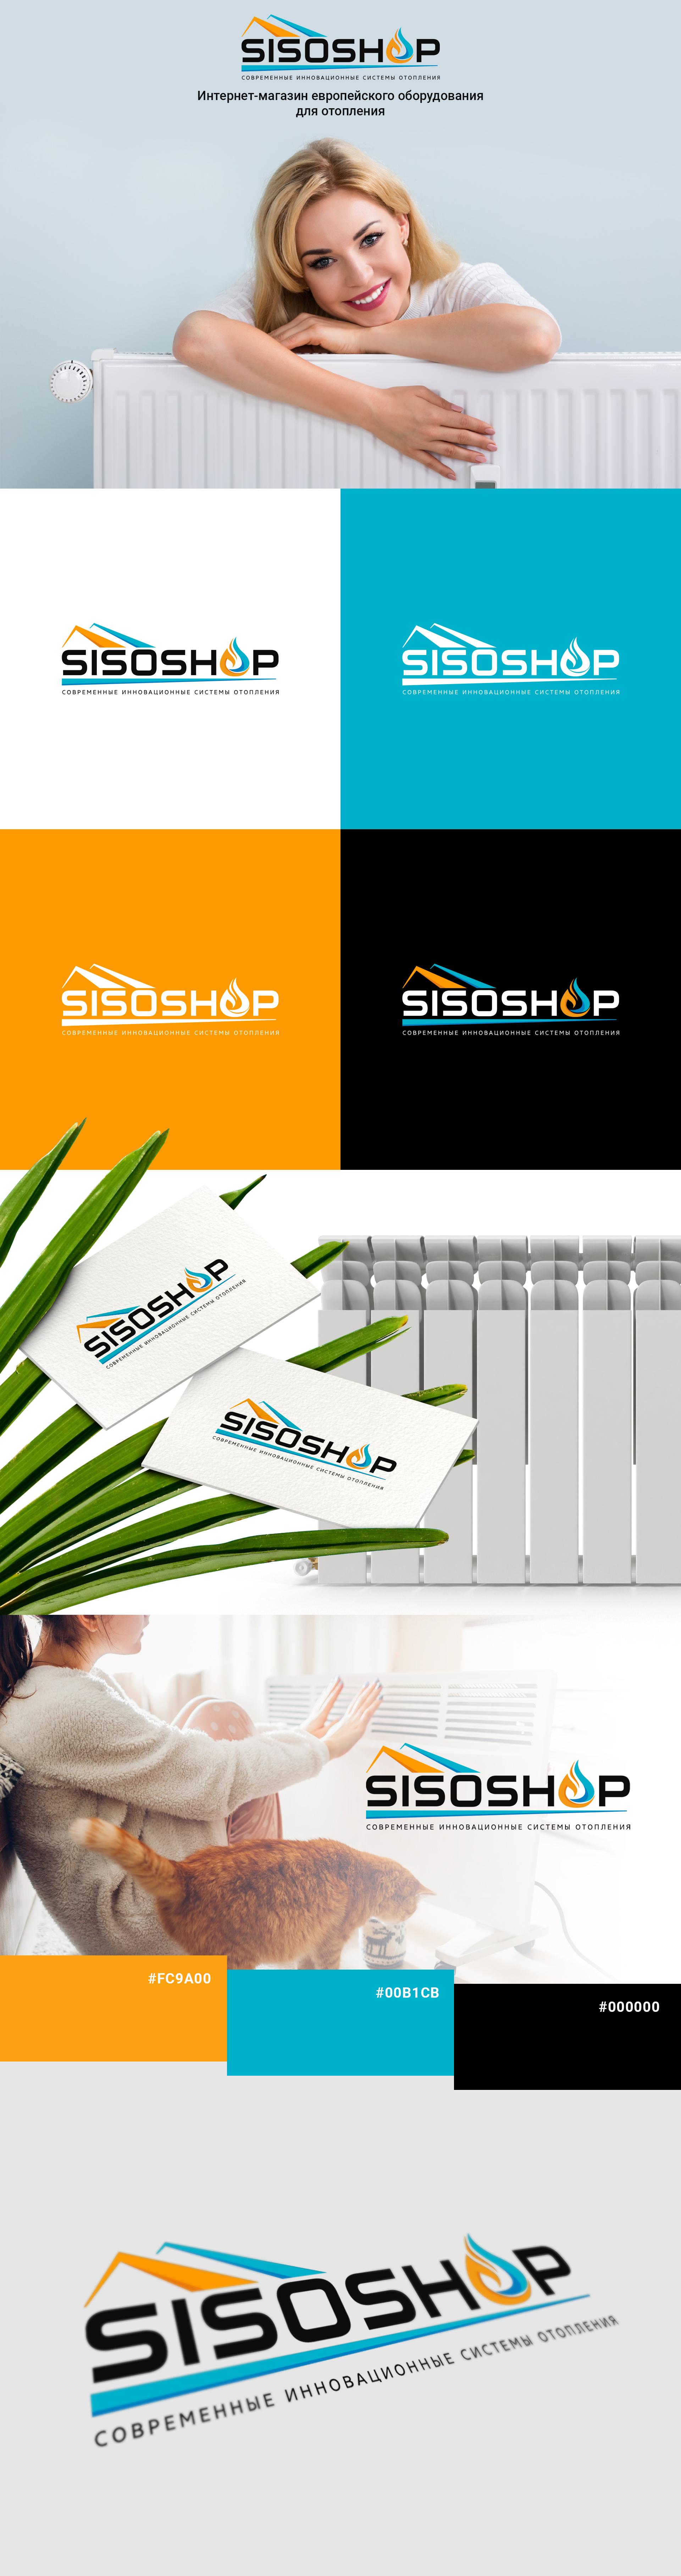 для інтернет-магазину опалення Sisoshop